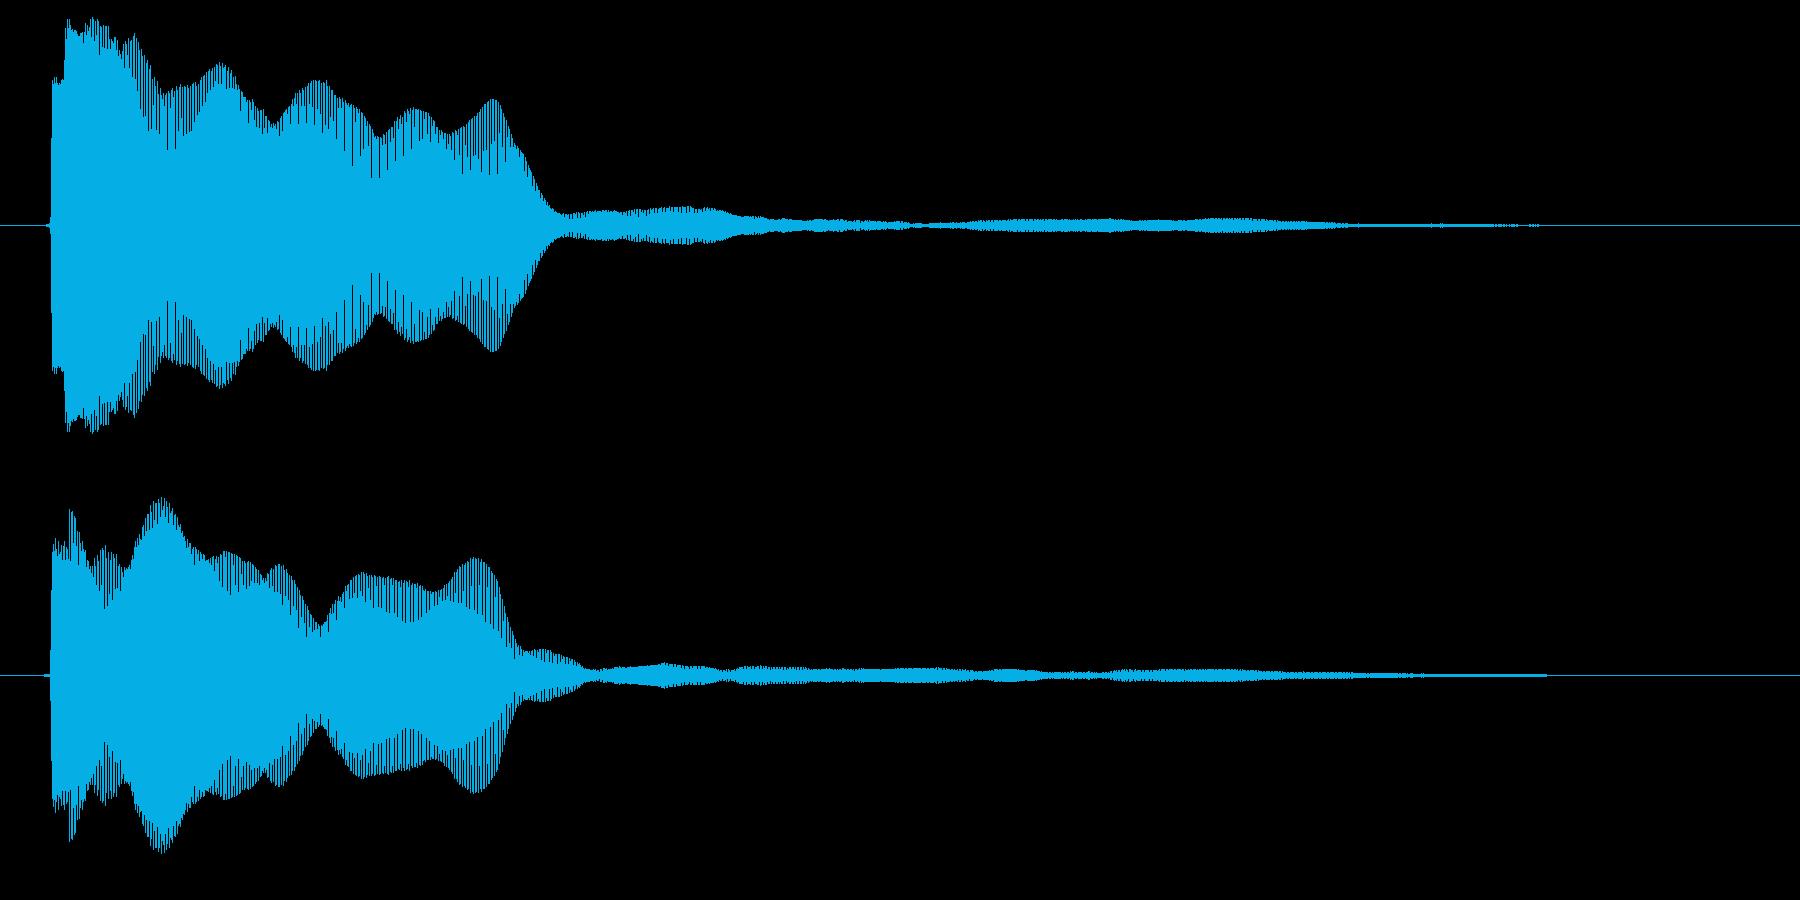 カウント ピッ ぴ 単発 探知 レーダーの再生済みの波形